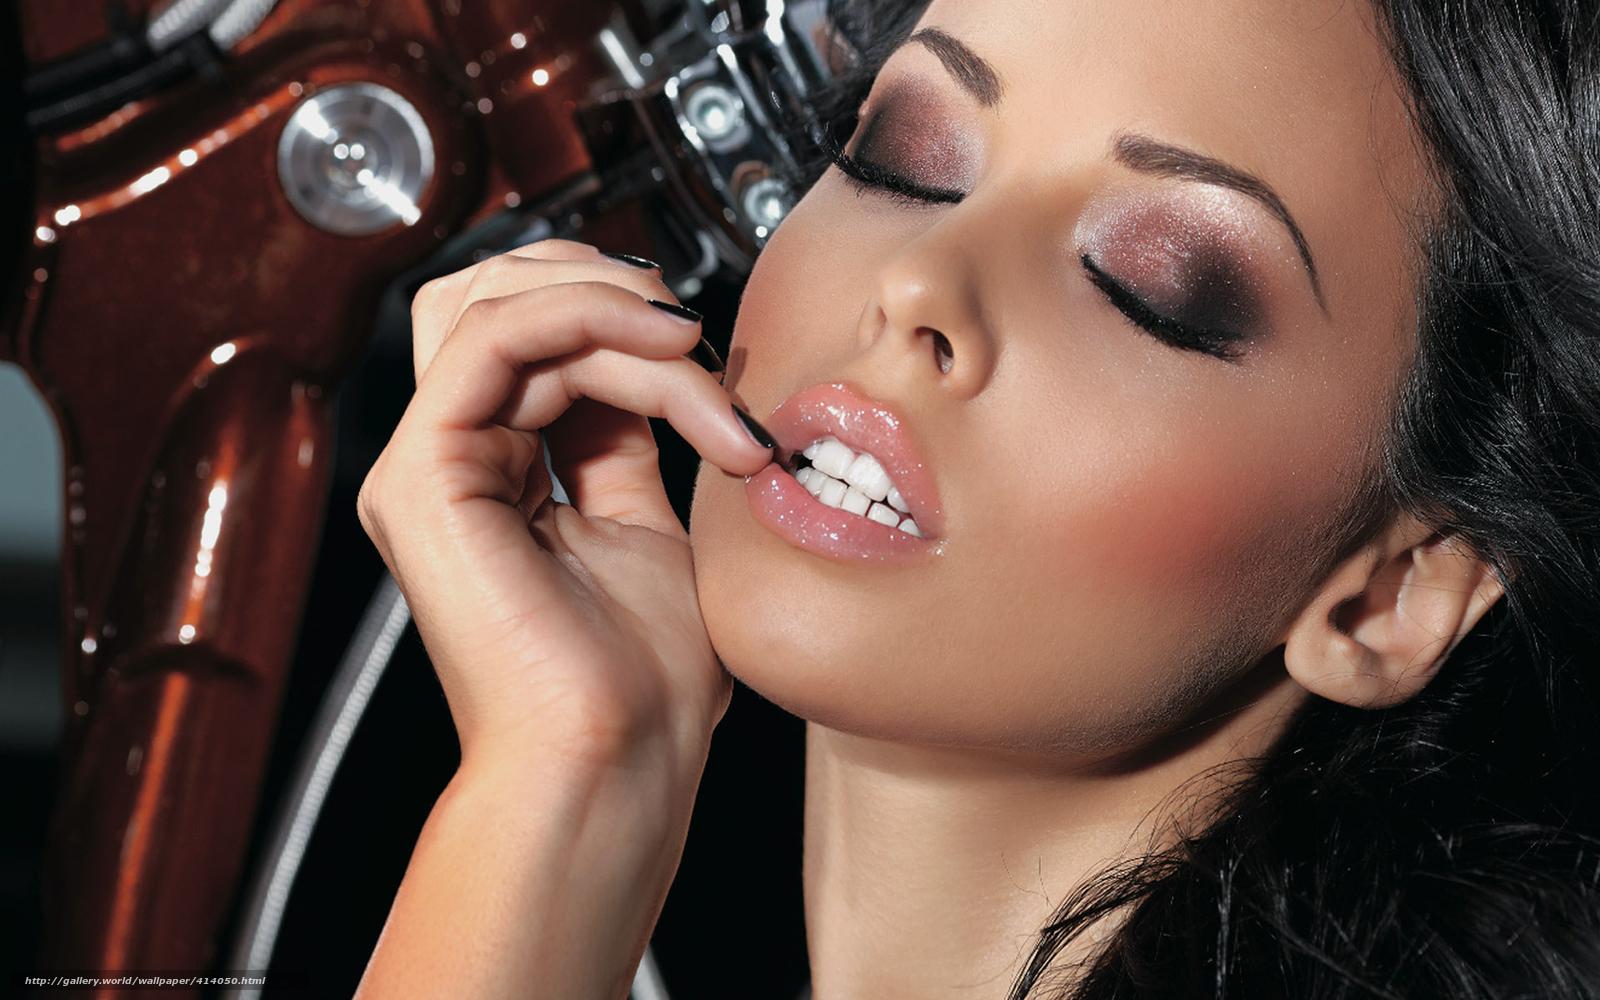 Фото девушка болшой губы красивые 24 фотография